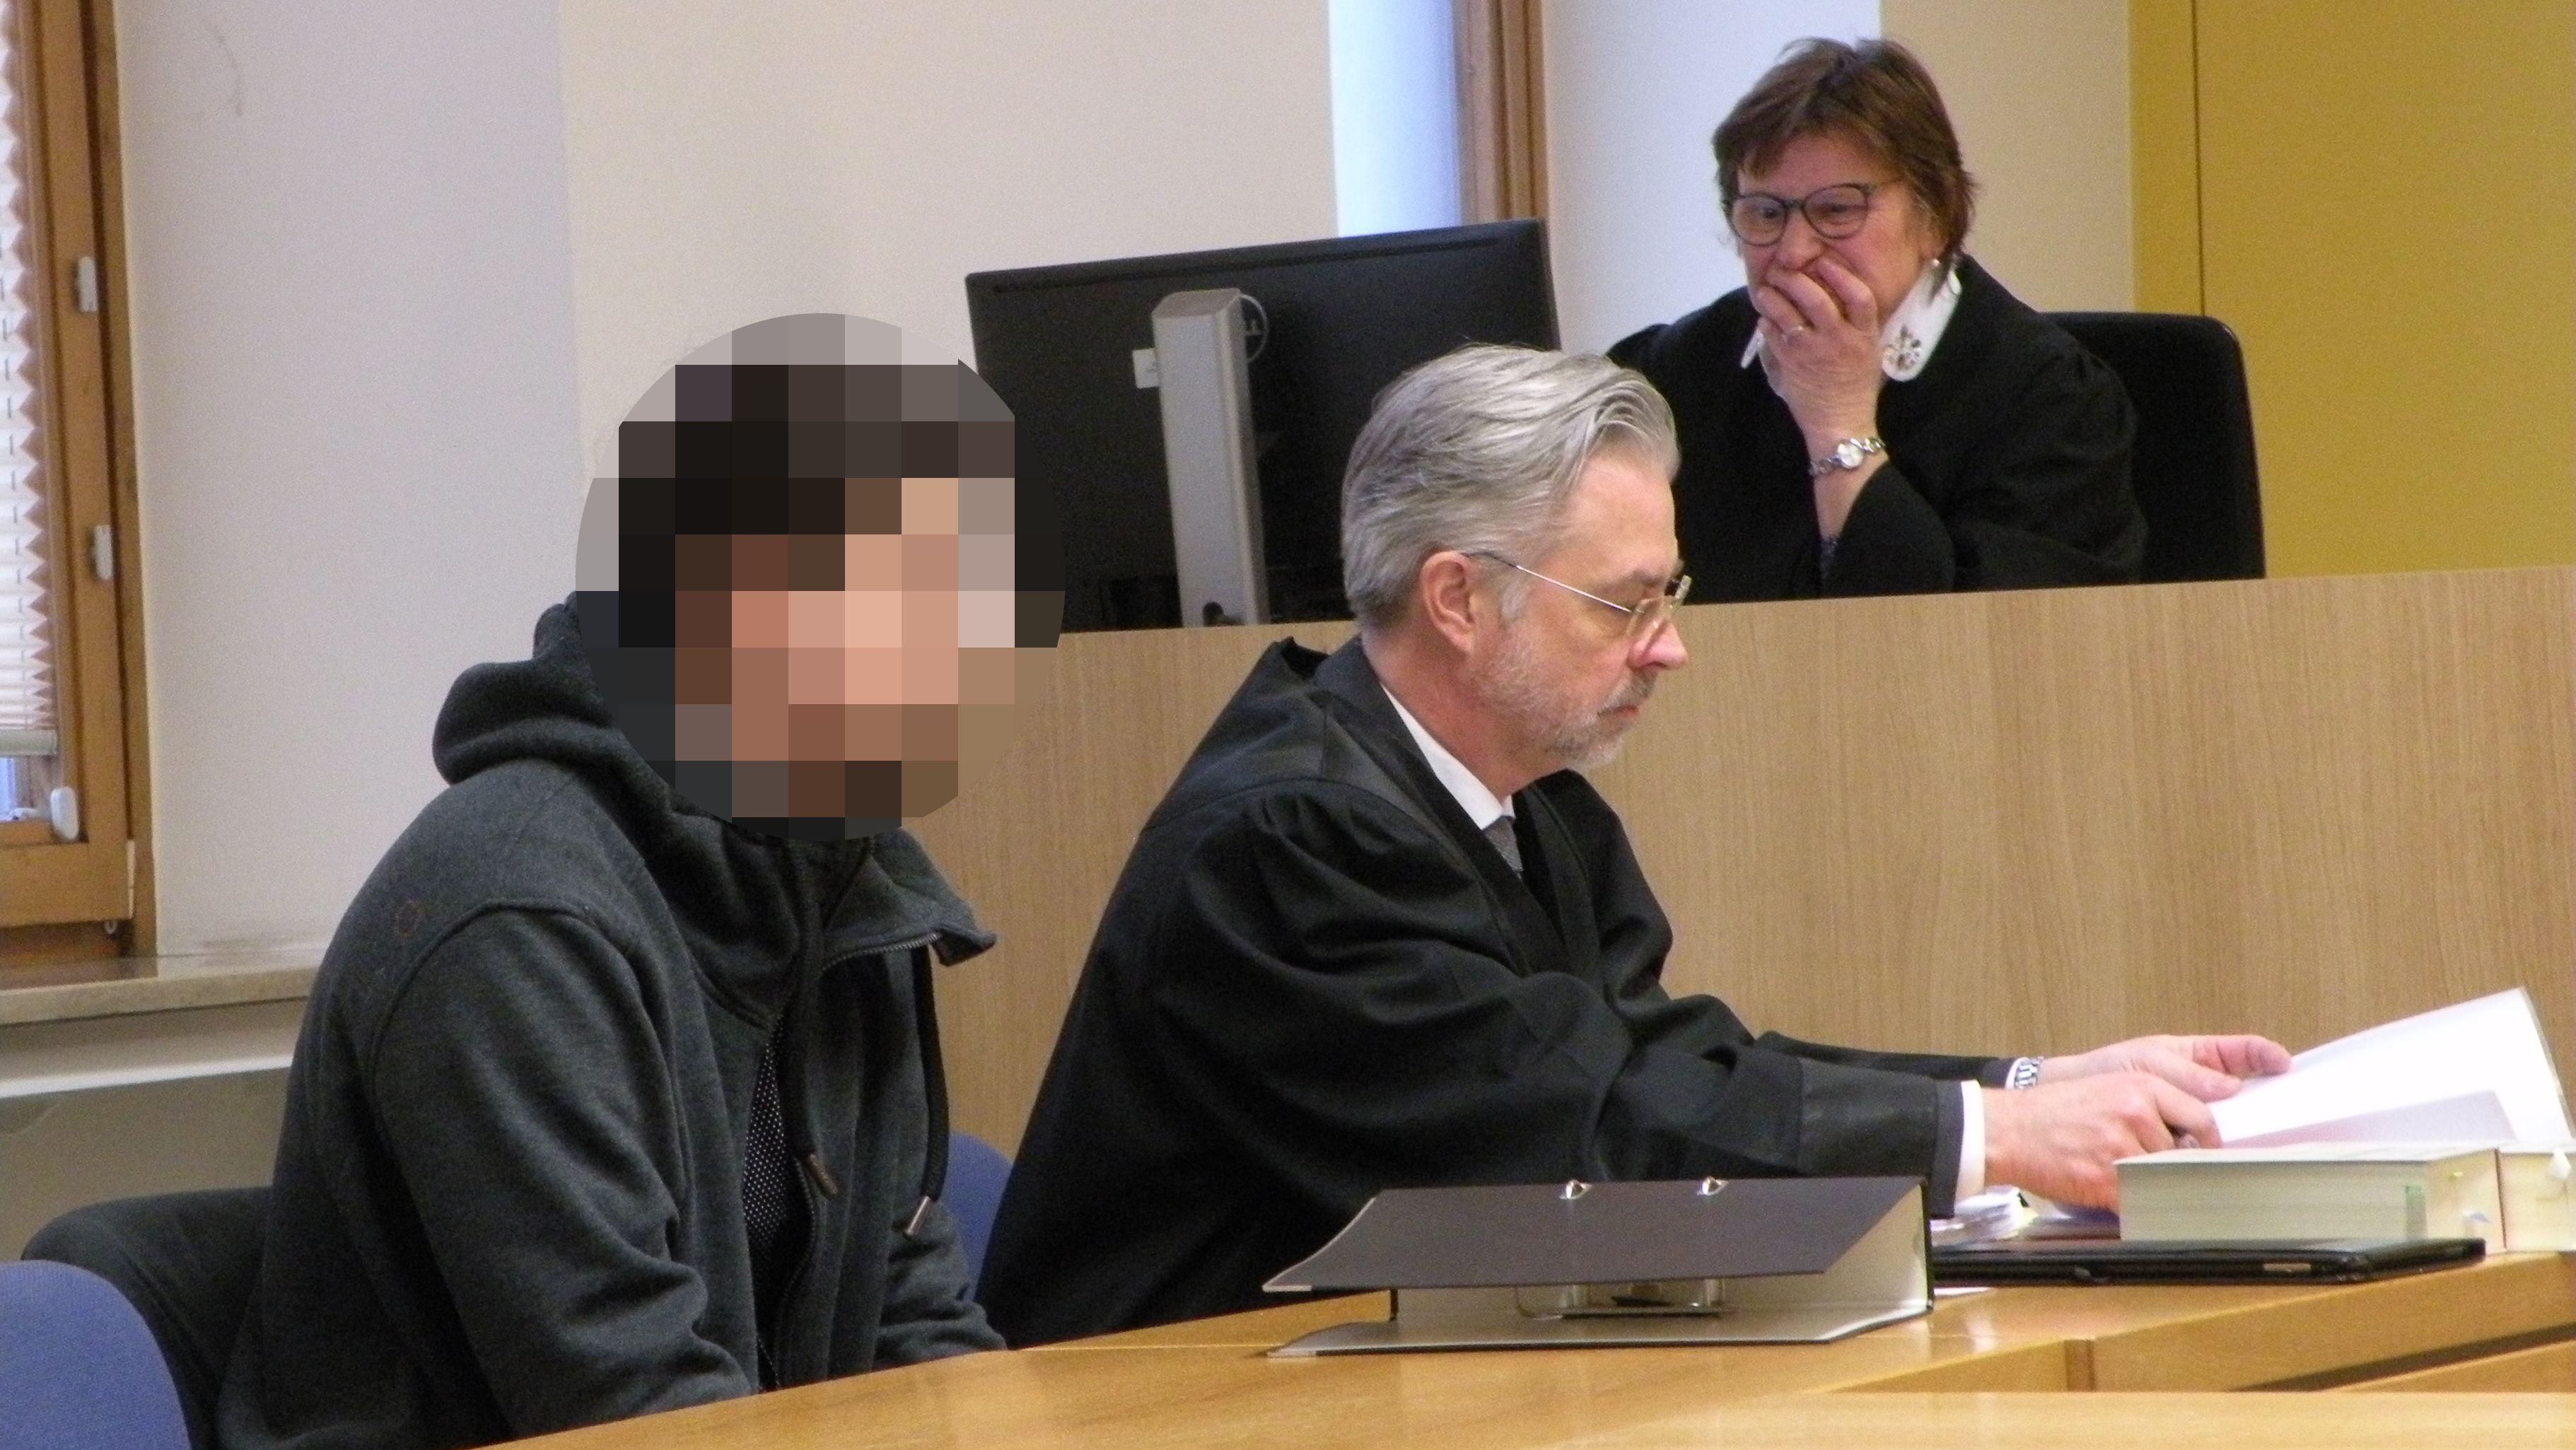 26-Jähriger wegen sexuellen Missbrauchs bei Stadtranderholung vor Gericht